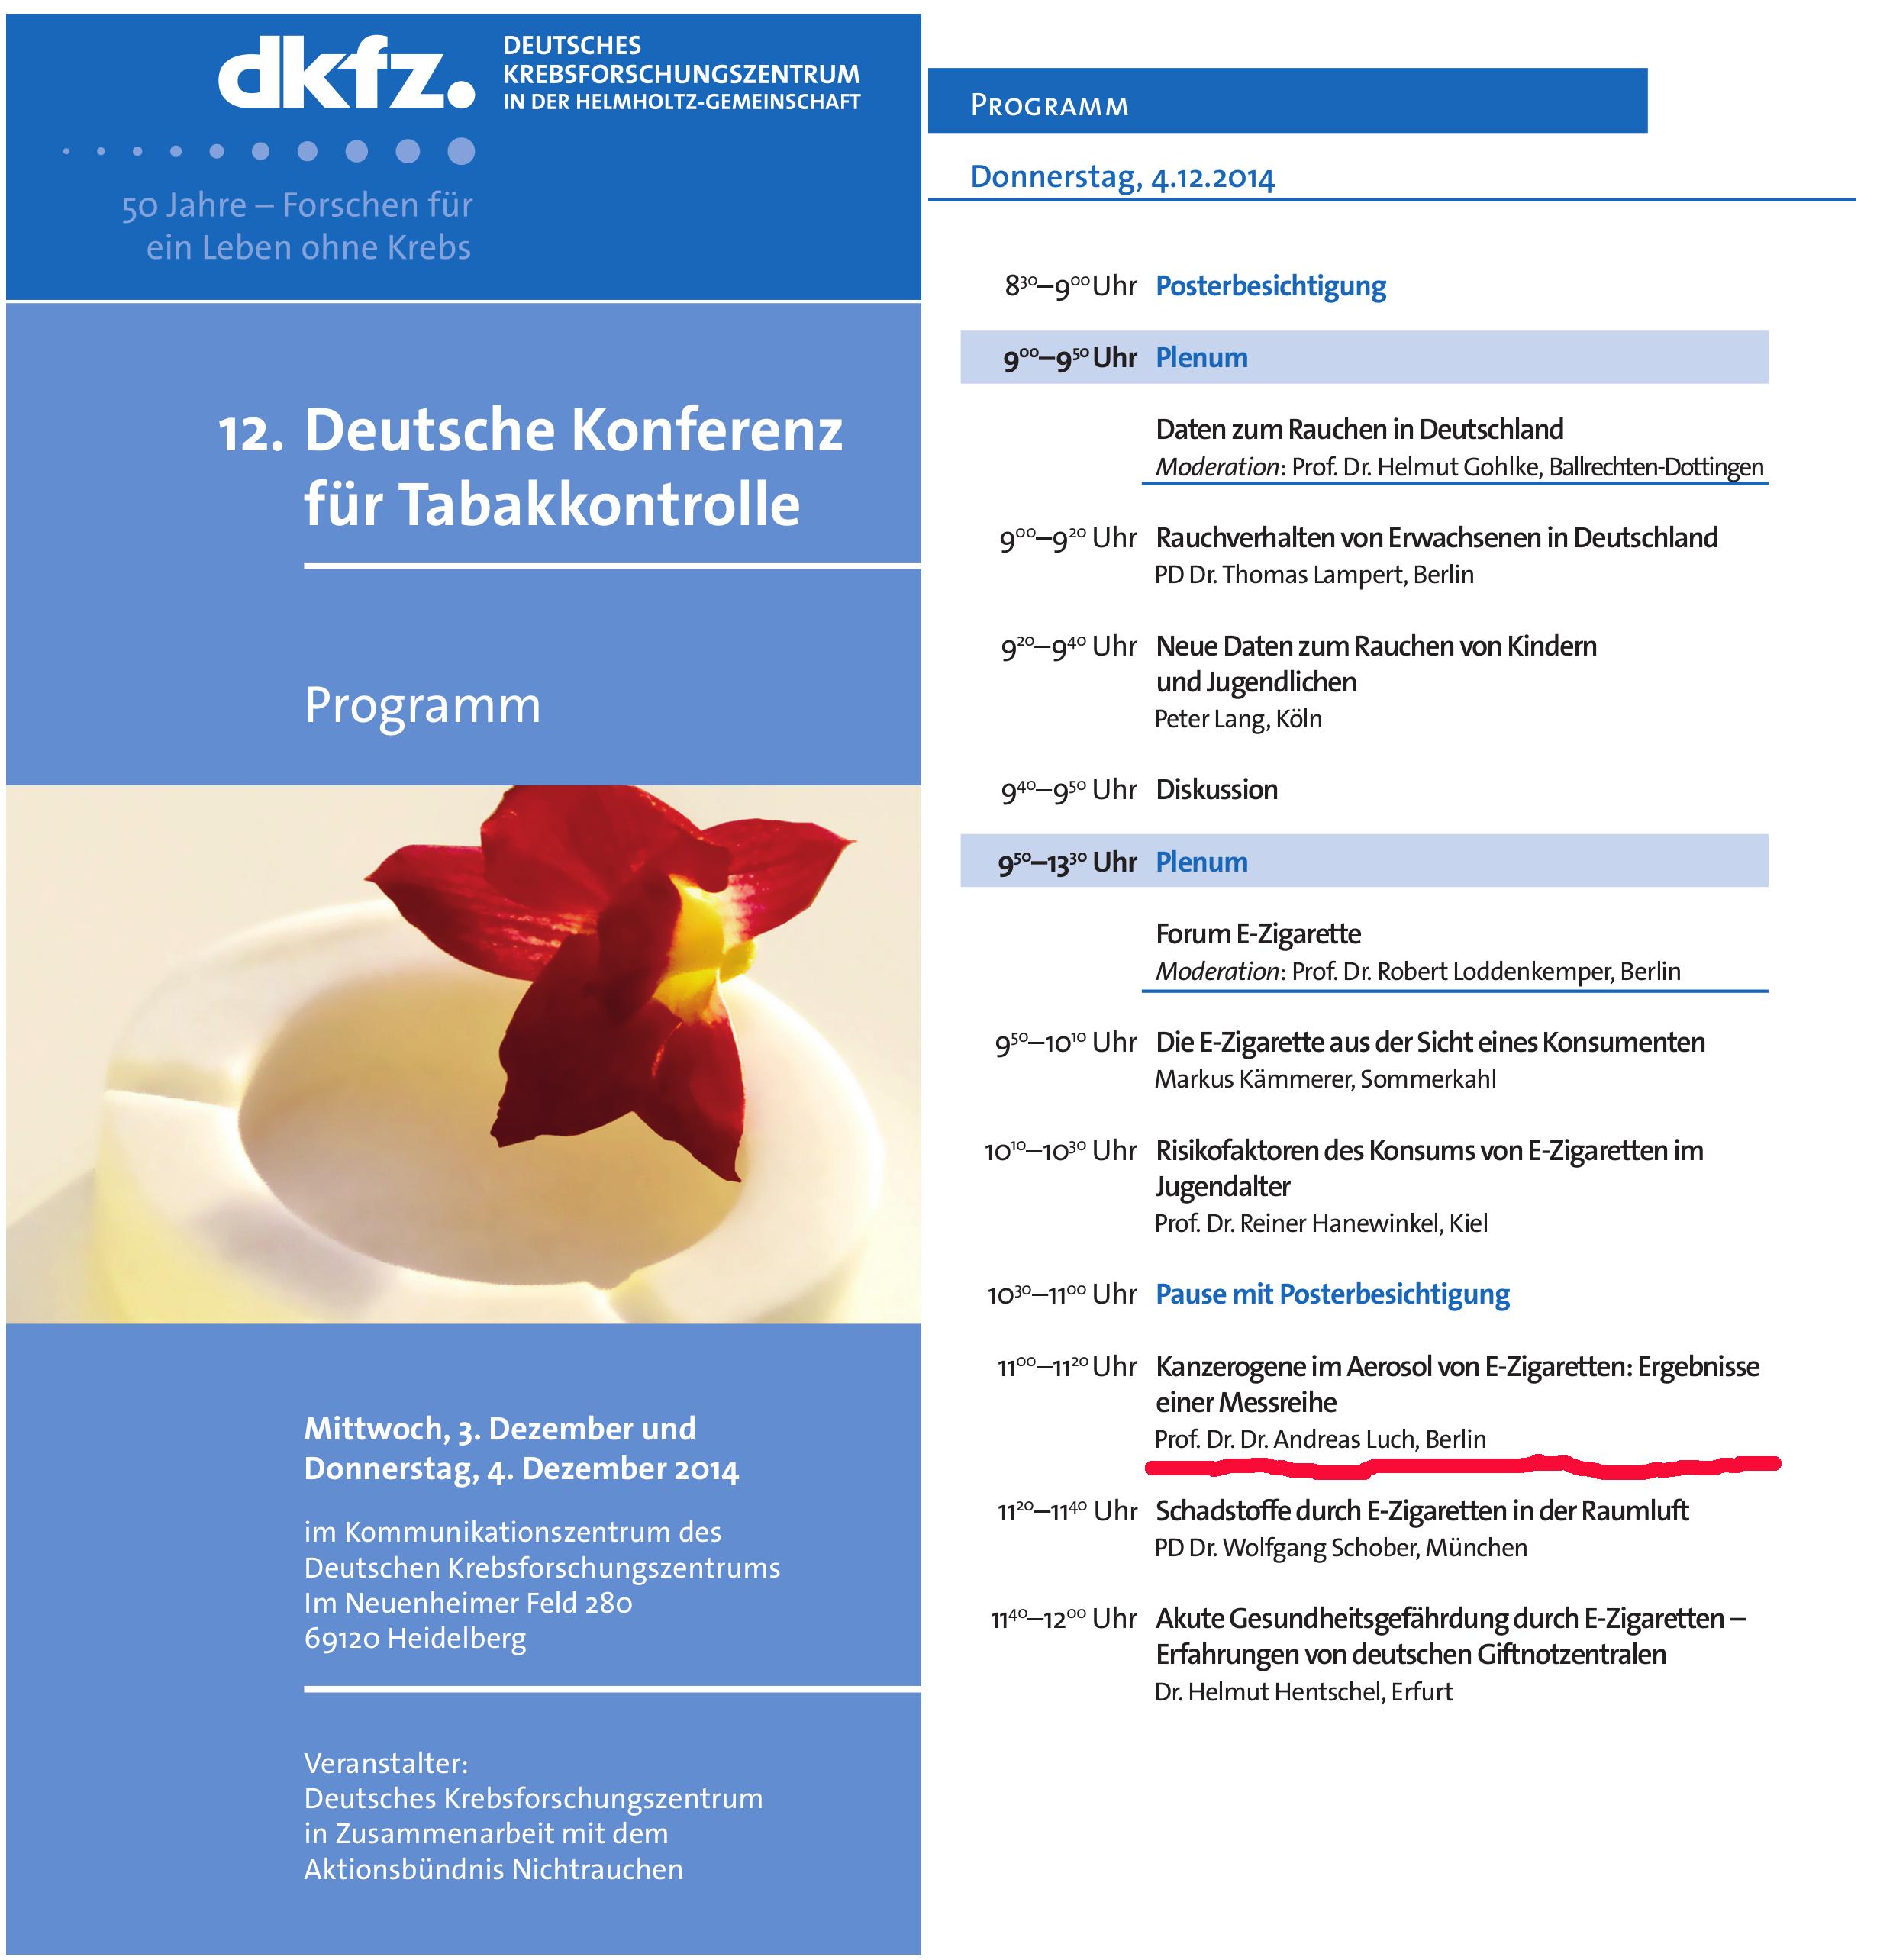 """Prof. Dr. Dr. Andreas Luch einen Vortrag mit dem Titel """"Kanzerogene im Aerosol von E-Zigaretten: Ergebnisse einer Messreihe"""""""